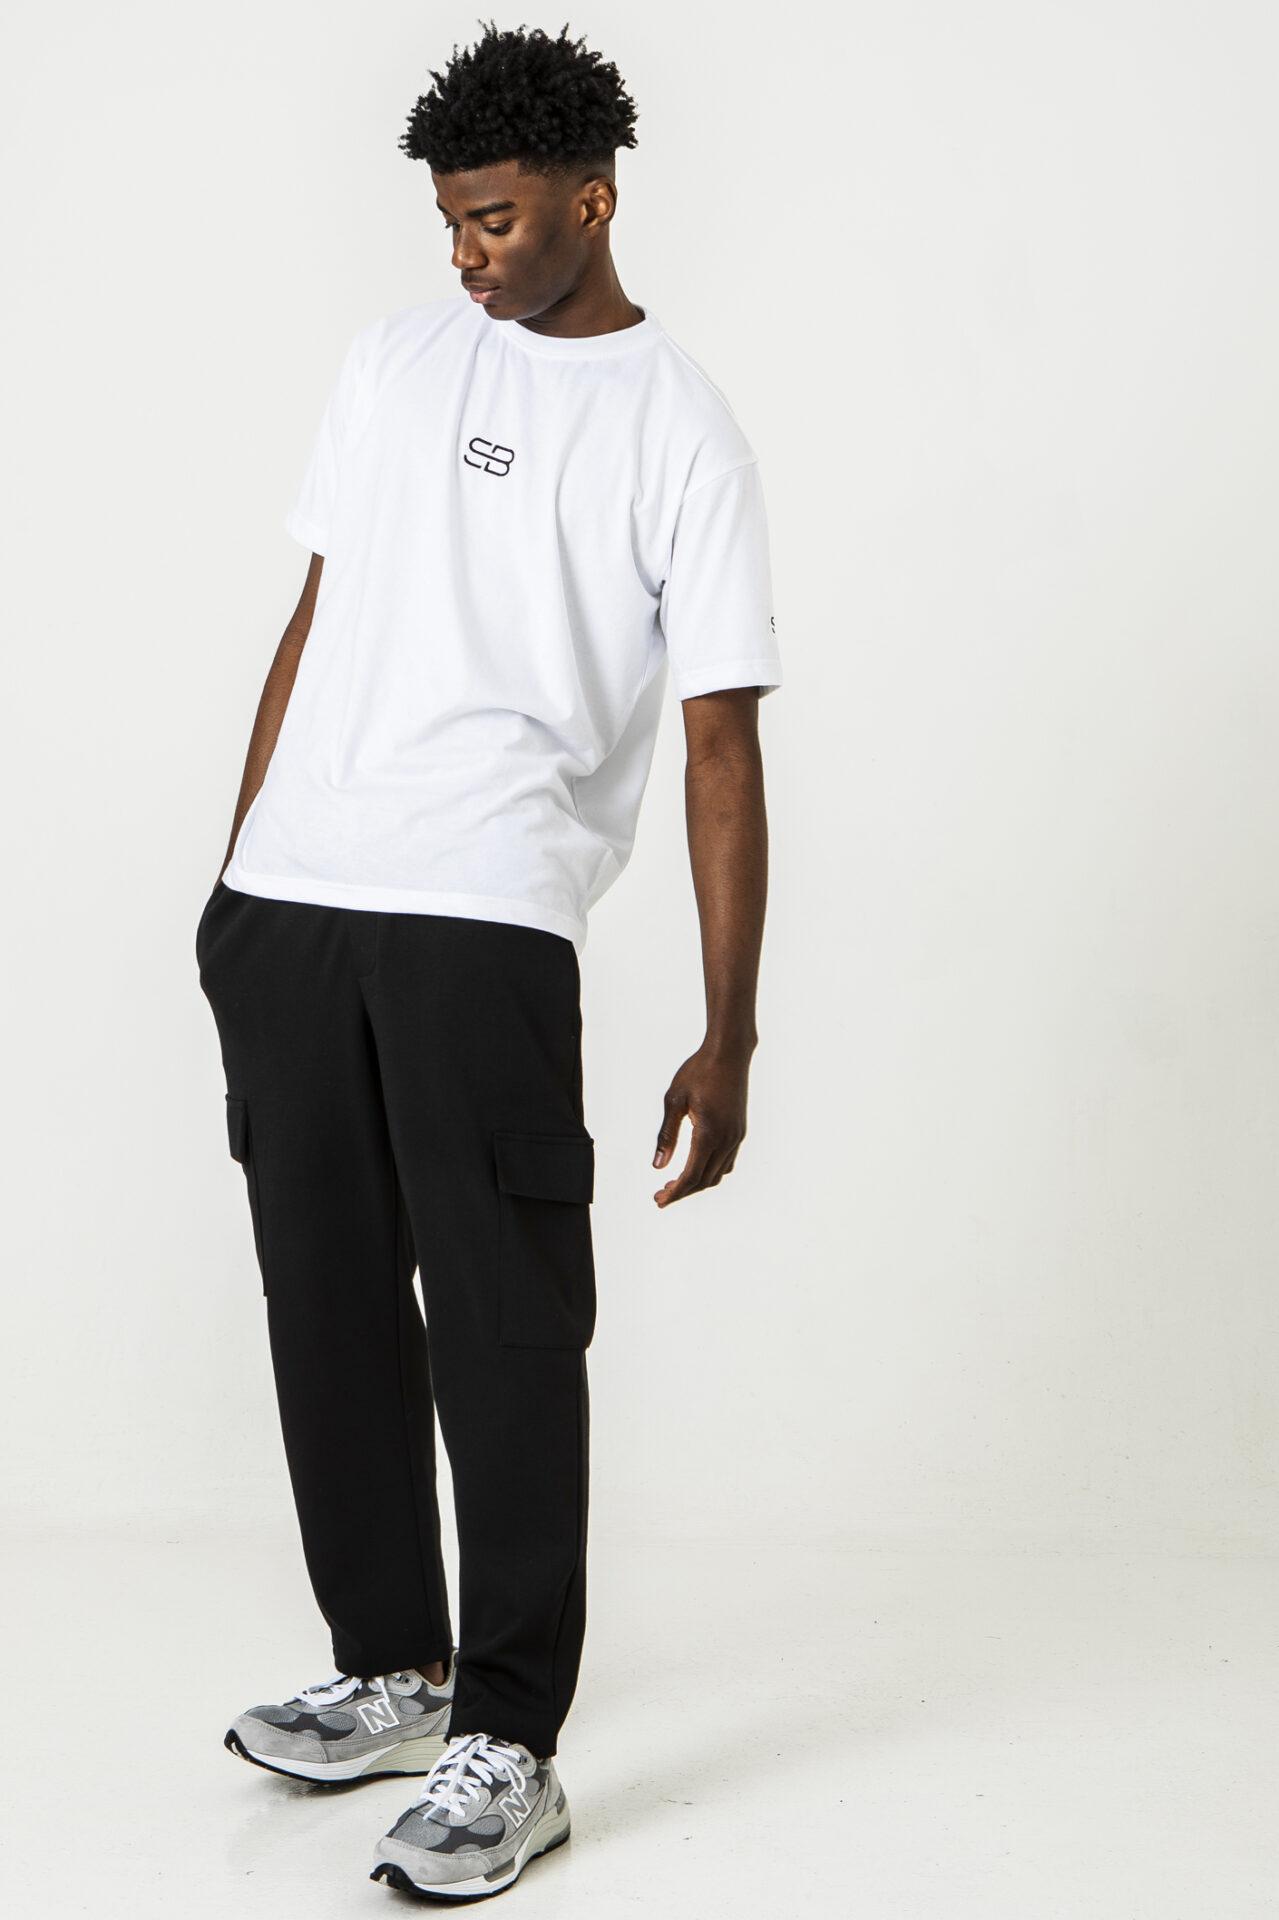 streetwear-for-men